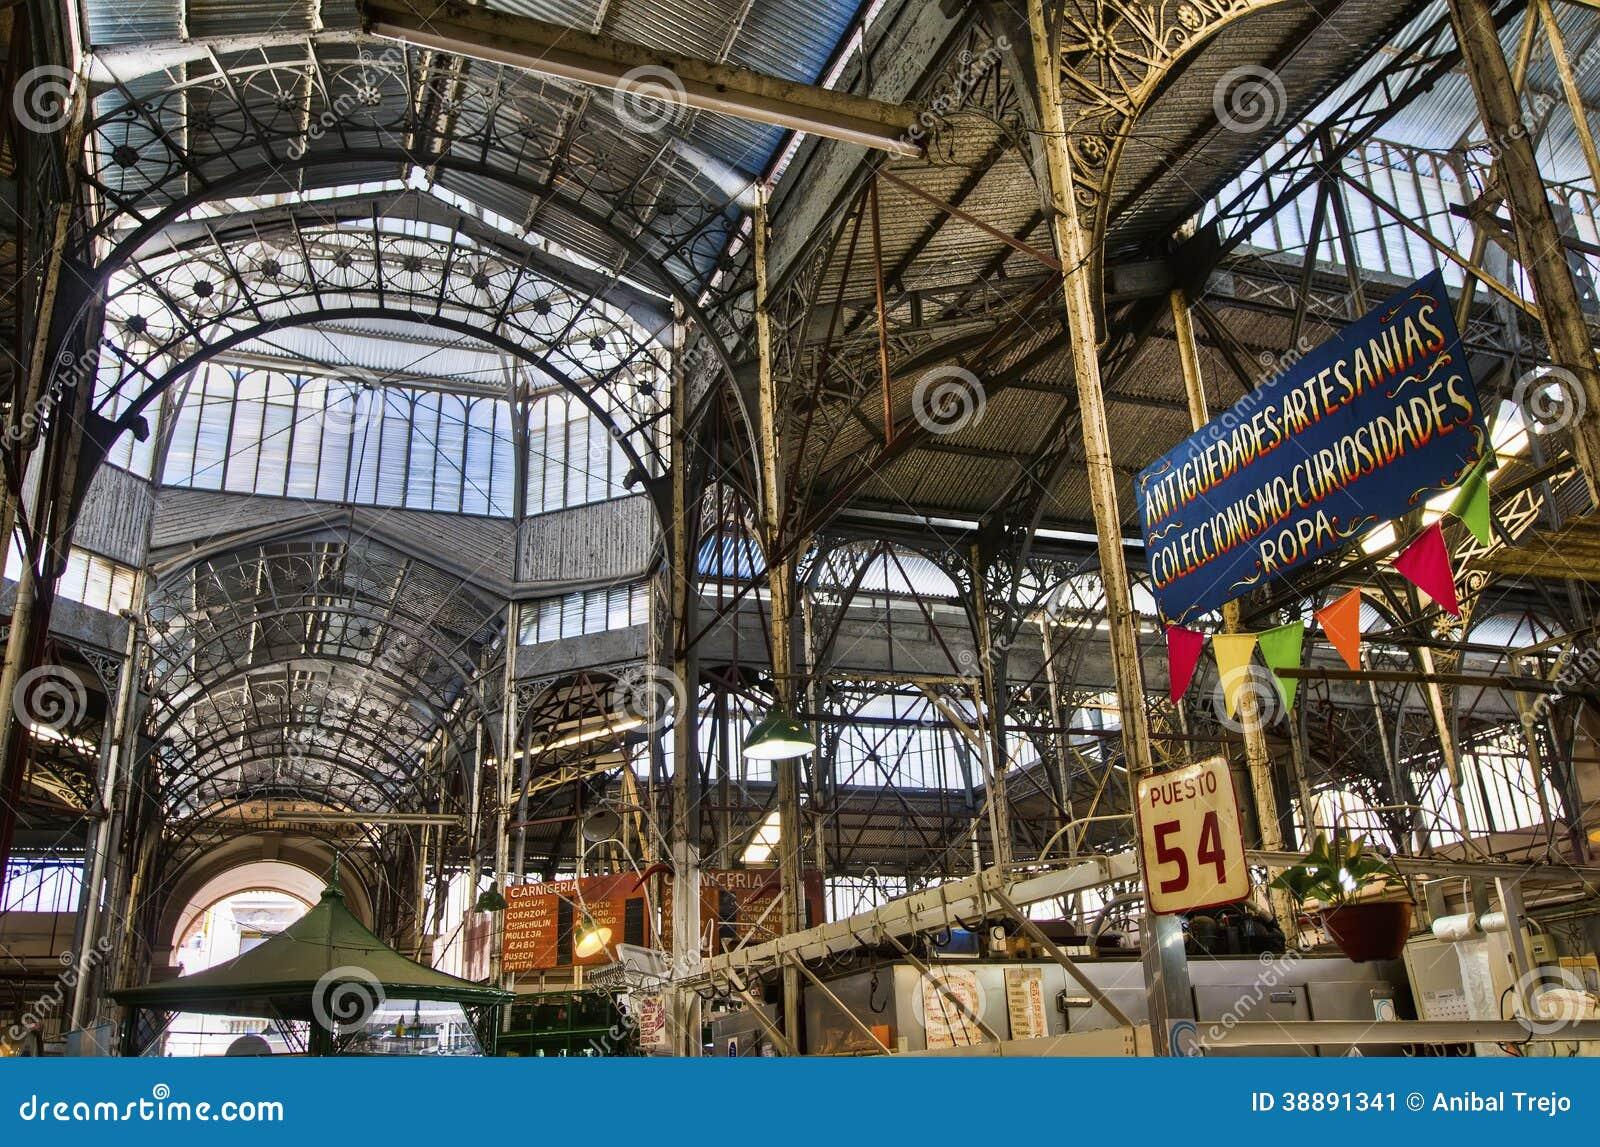 Estructura met lica interior del mercado de san telmo foto for Casa de diseno san telmo